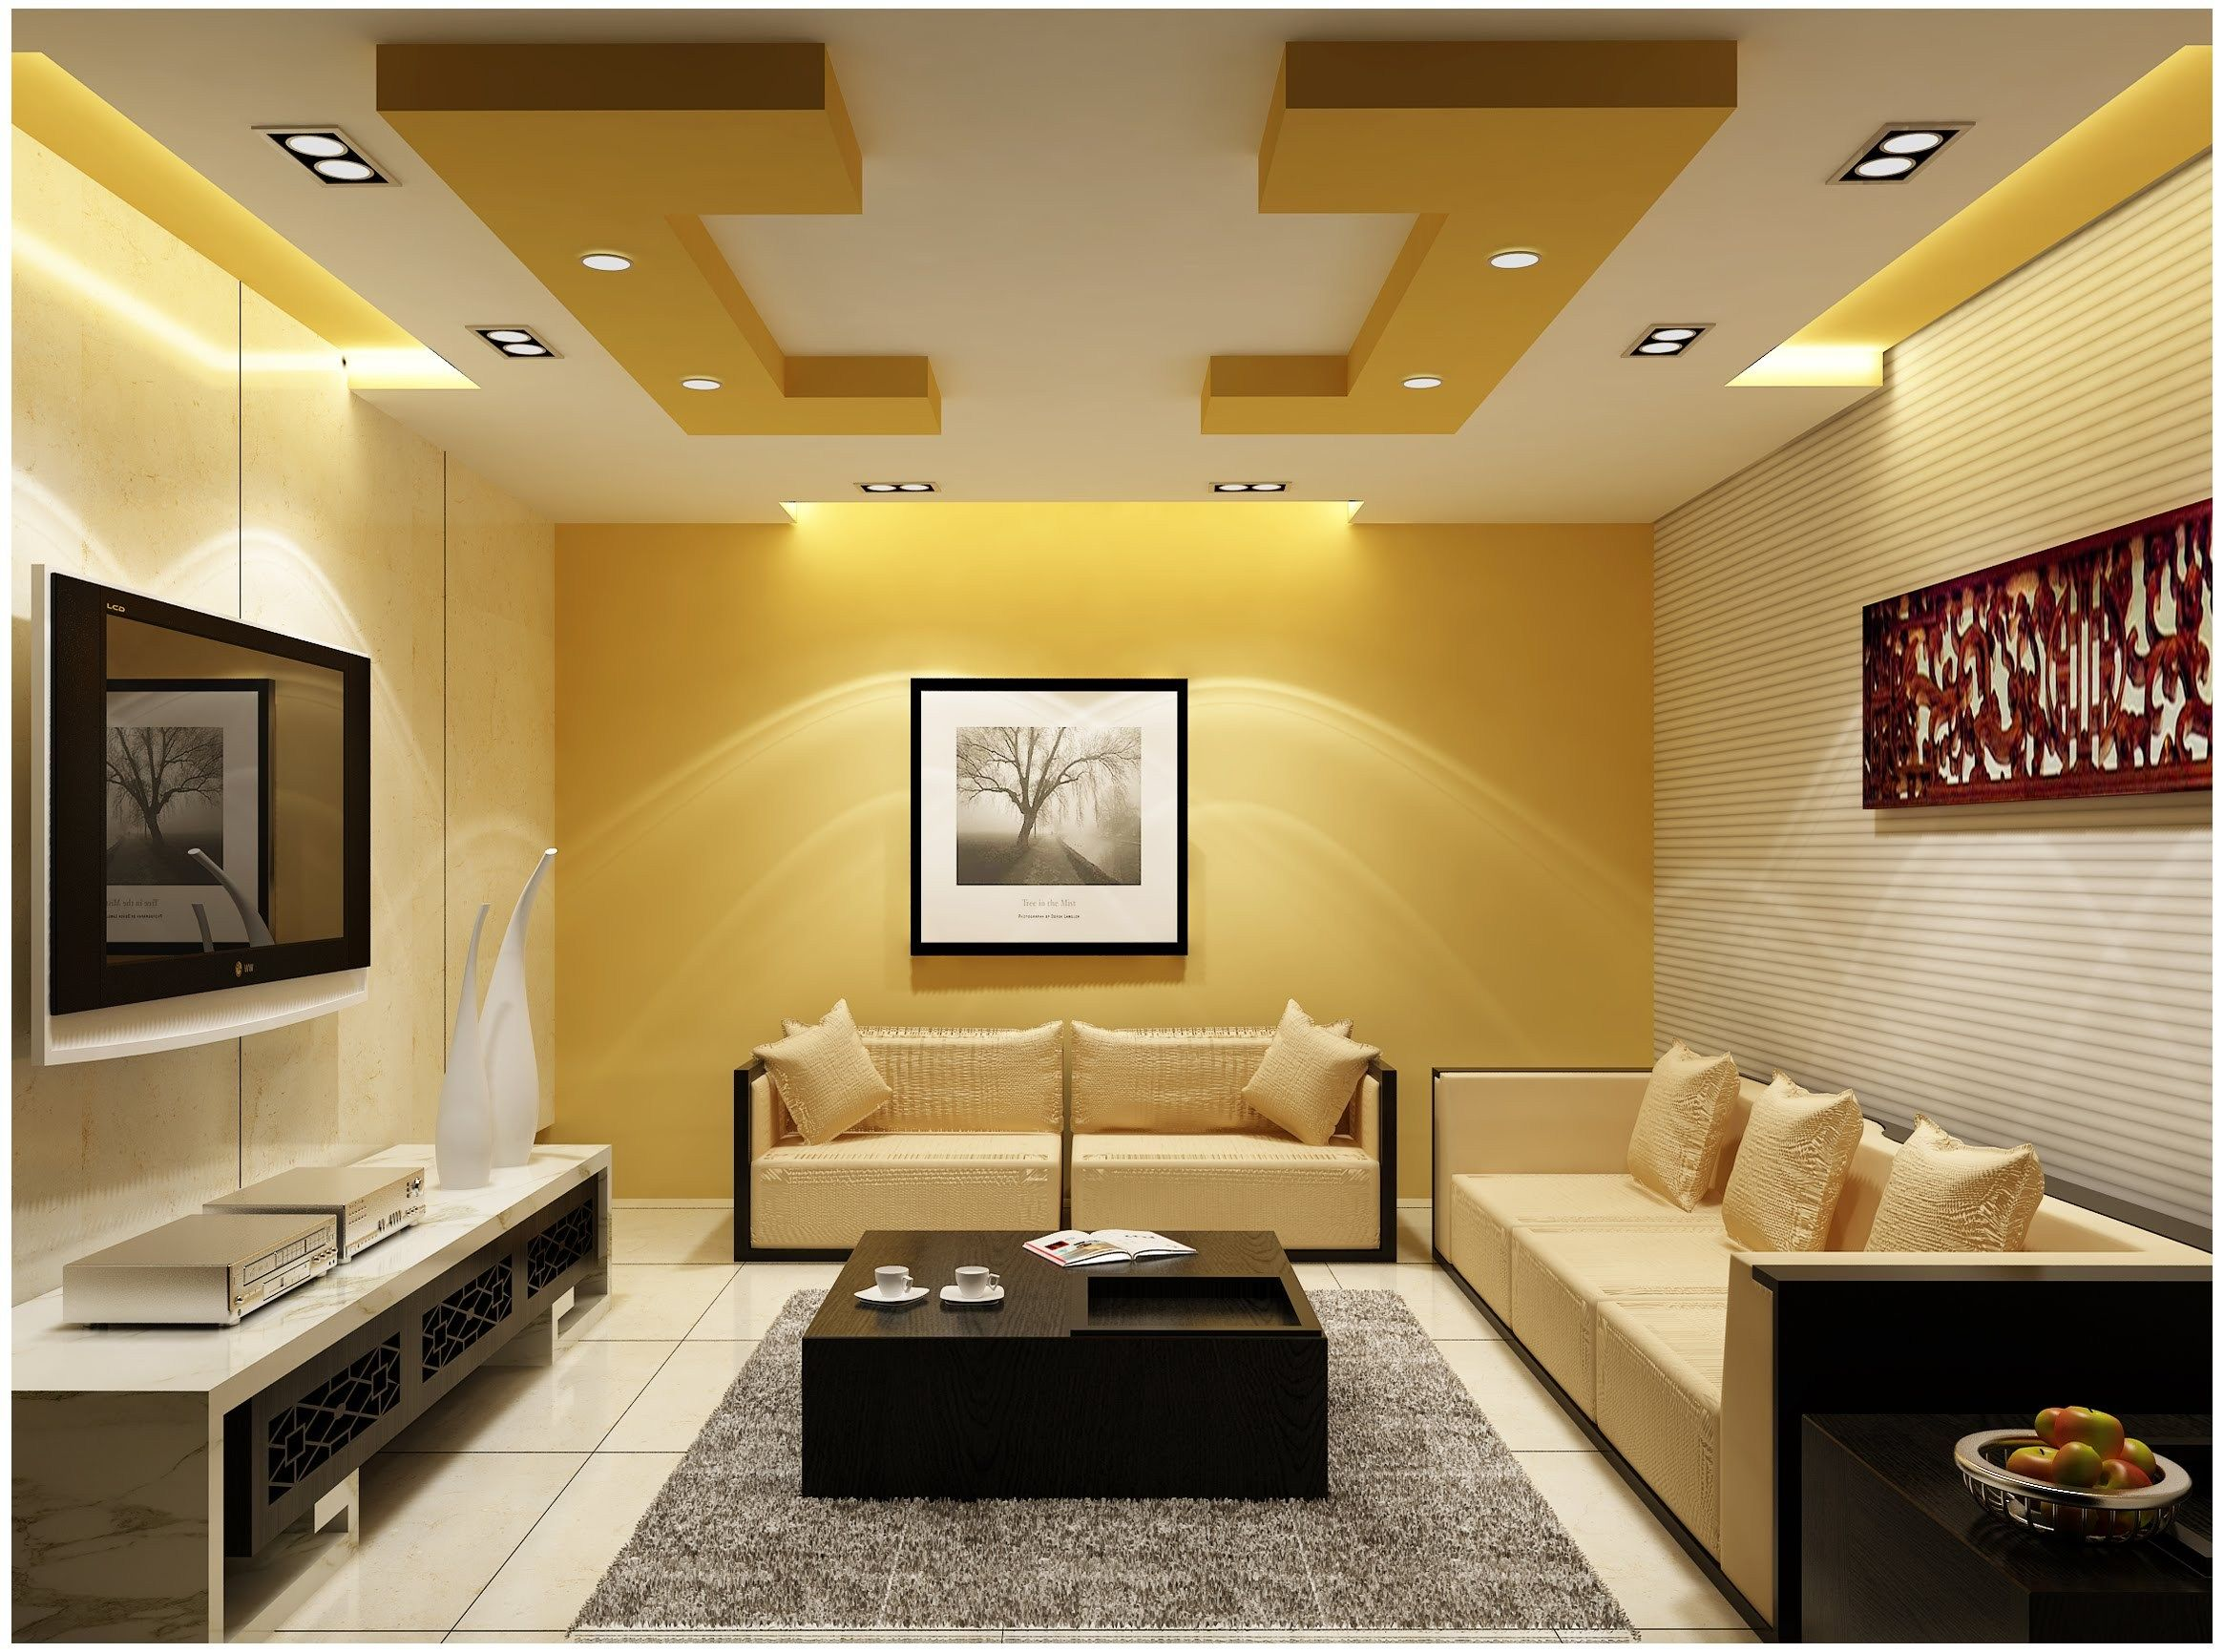 Best Modern Living Room Ceiling Design 2017 100 Unique Light